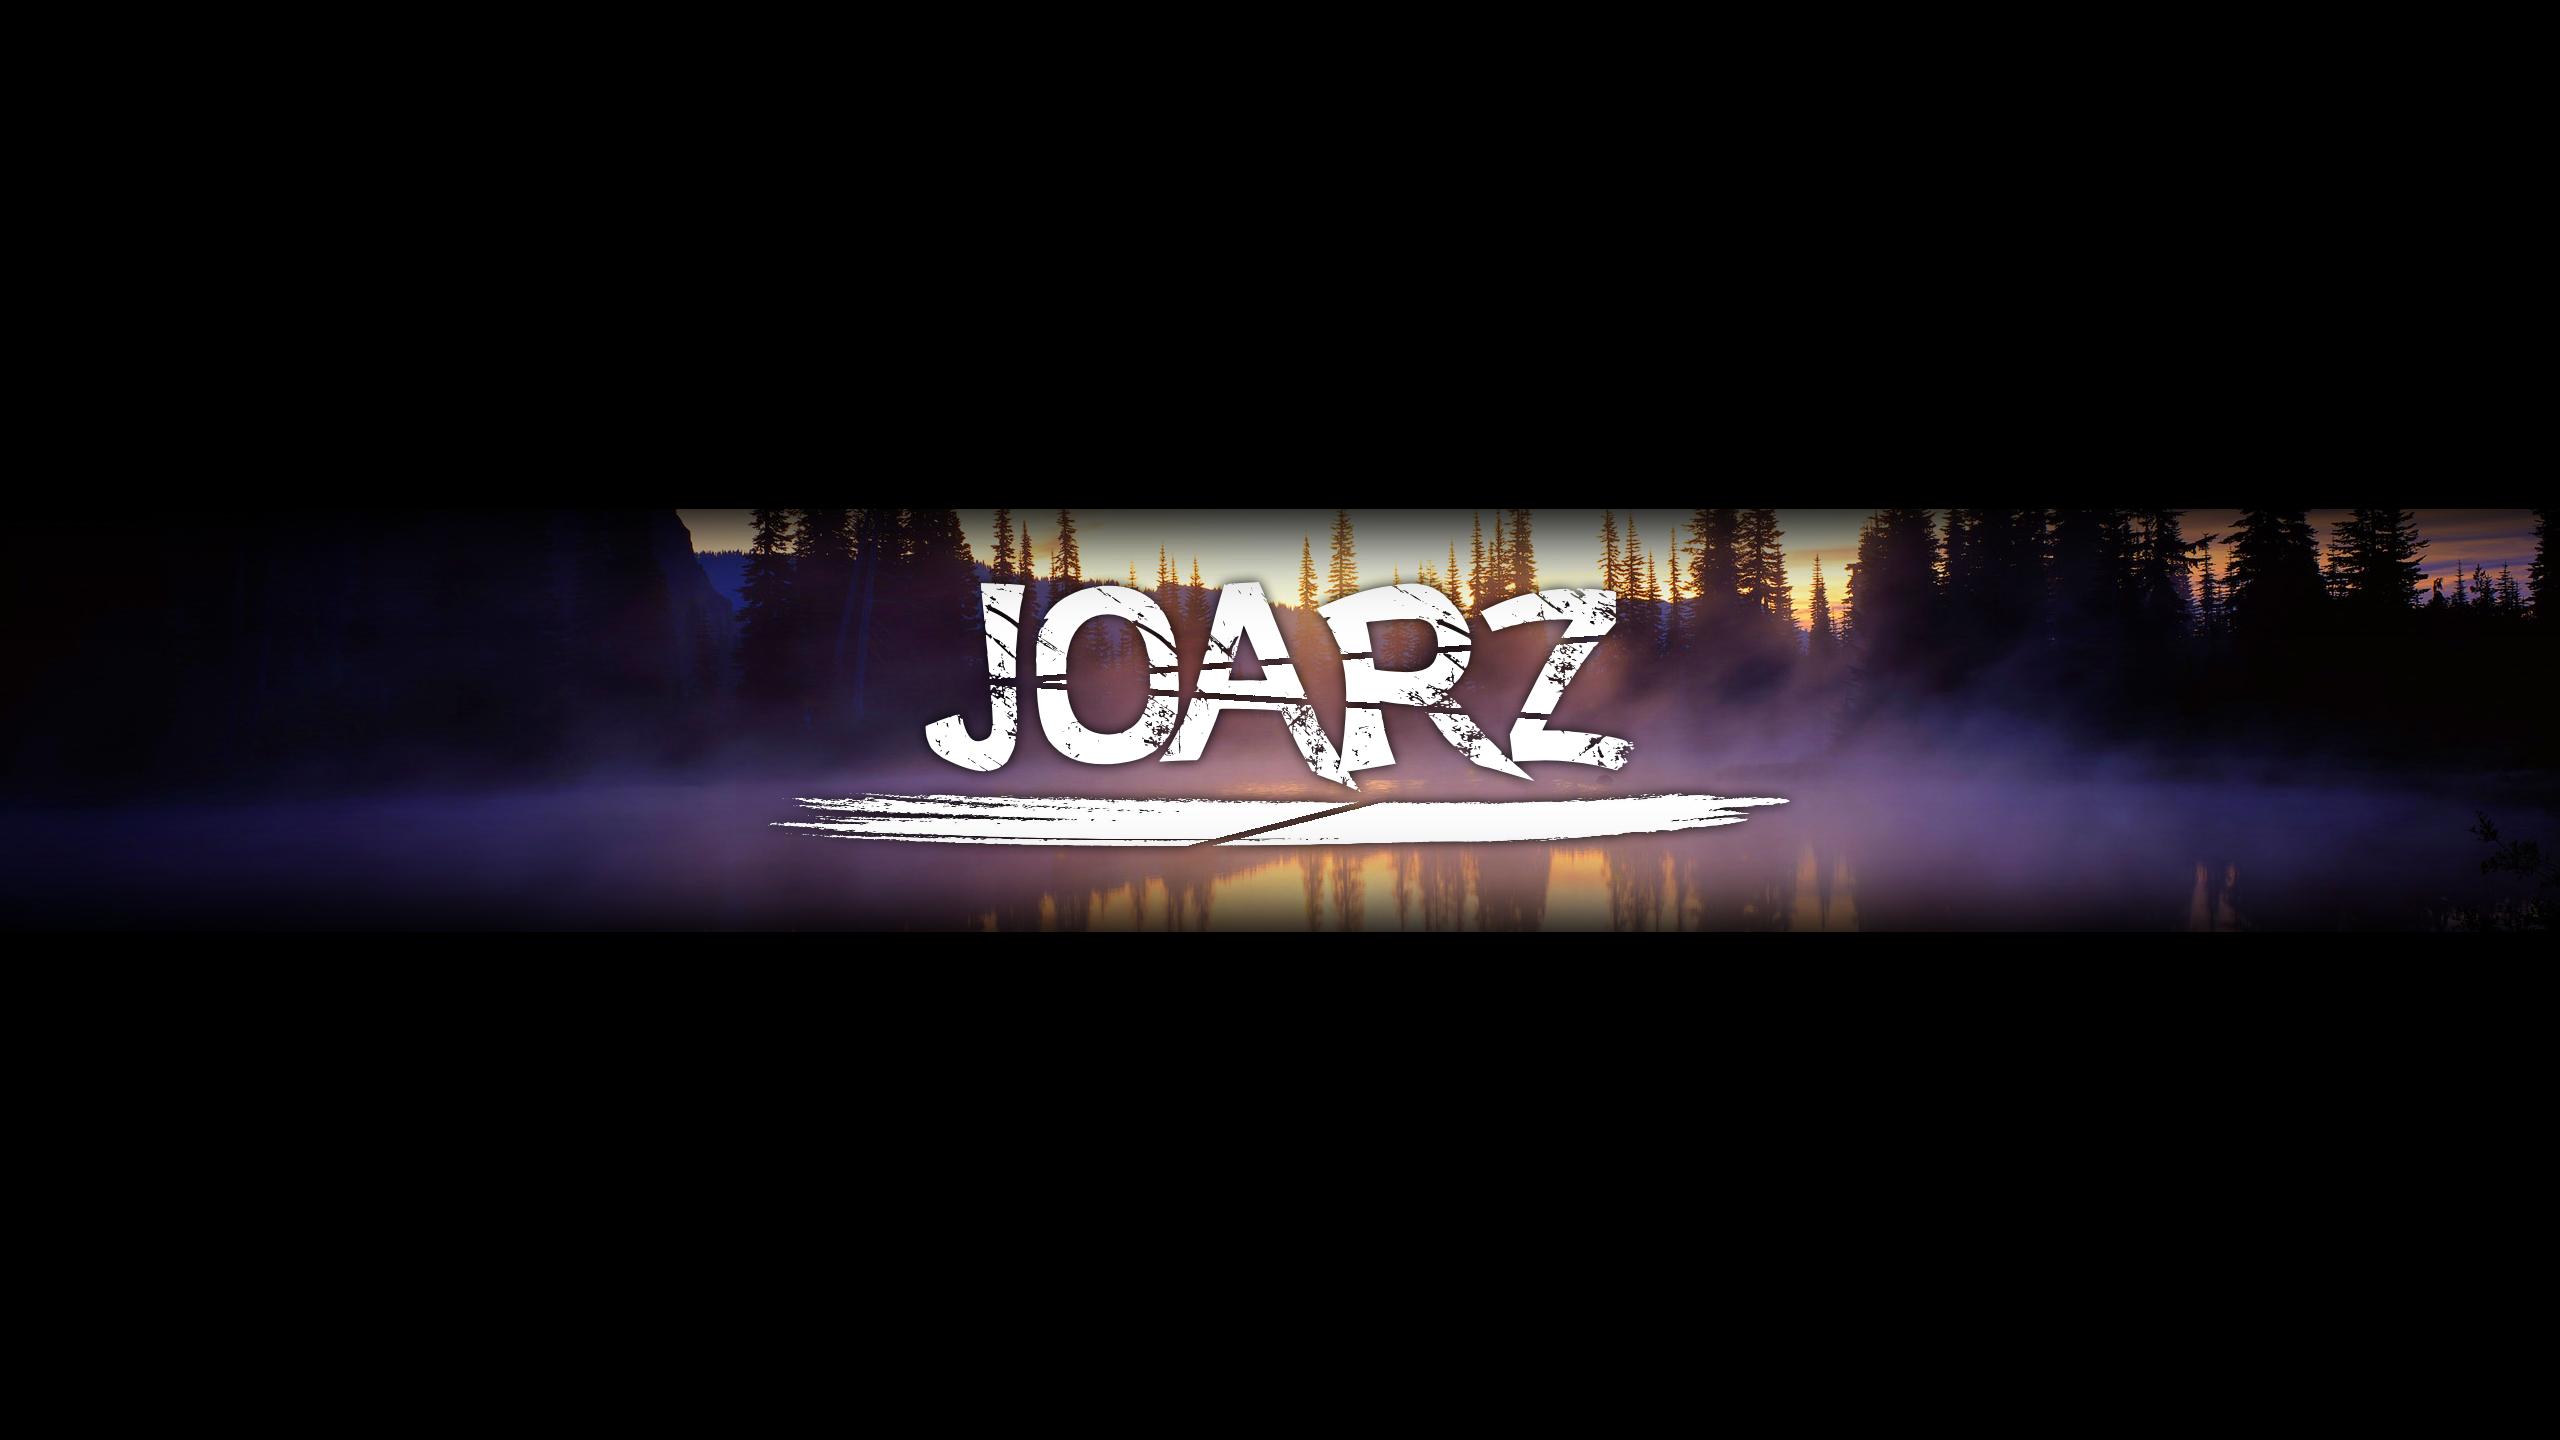 Youtube Banner for JoarZ